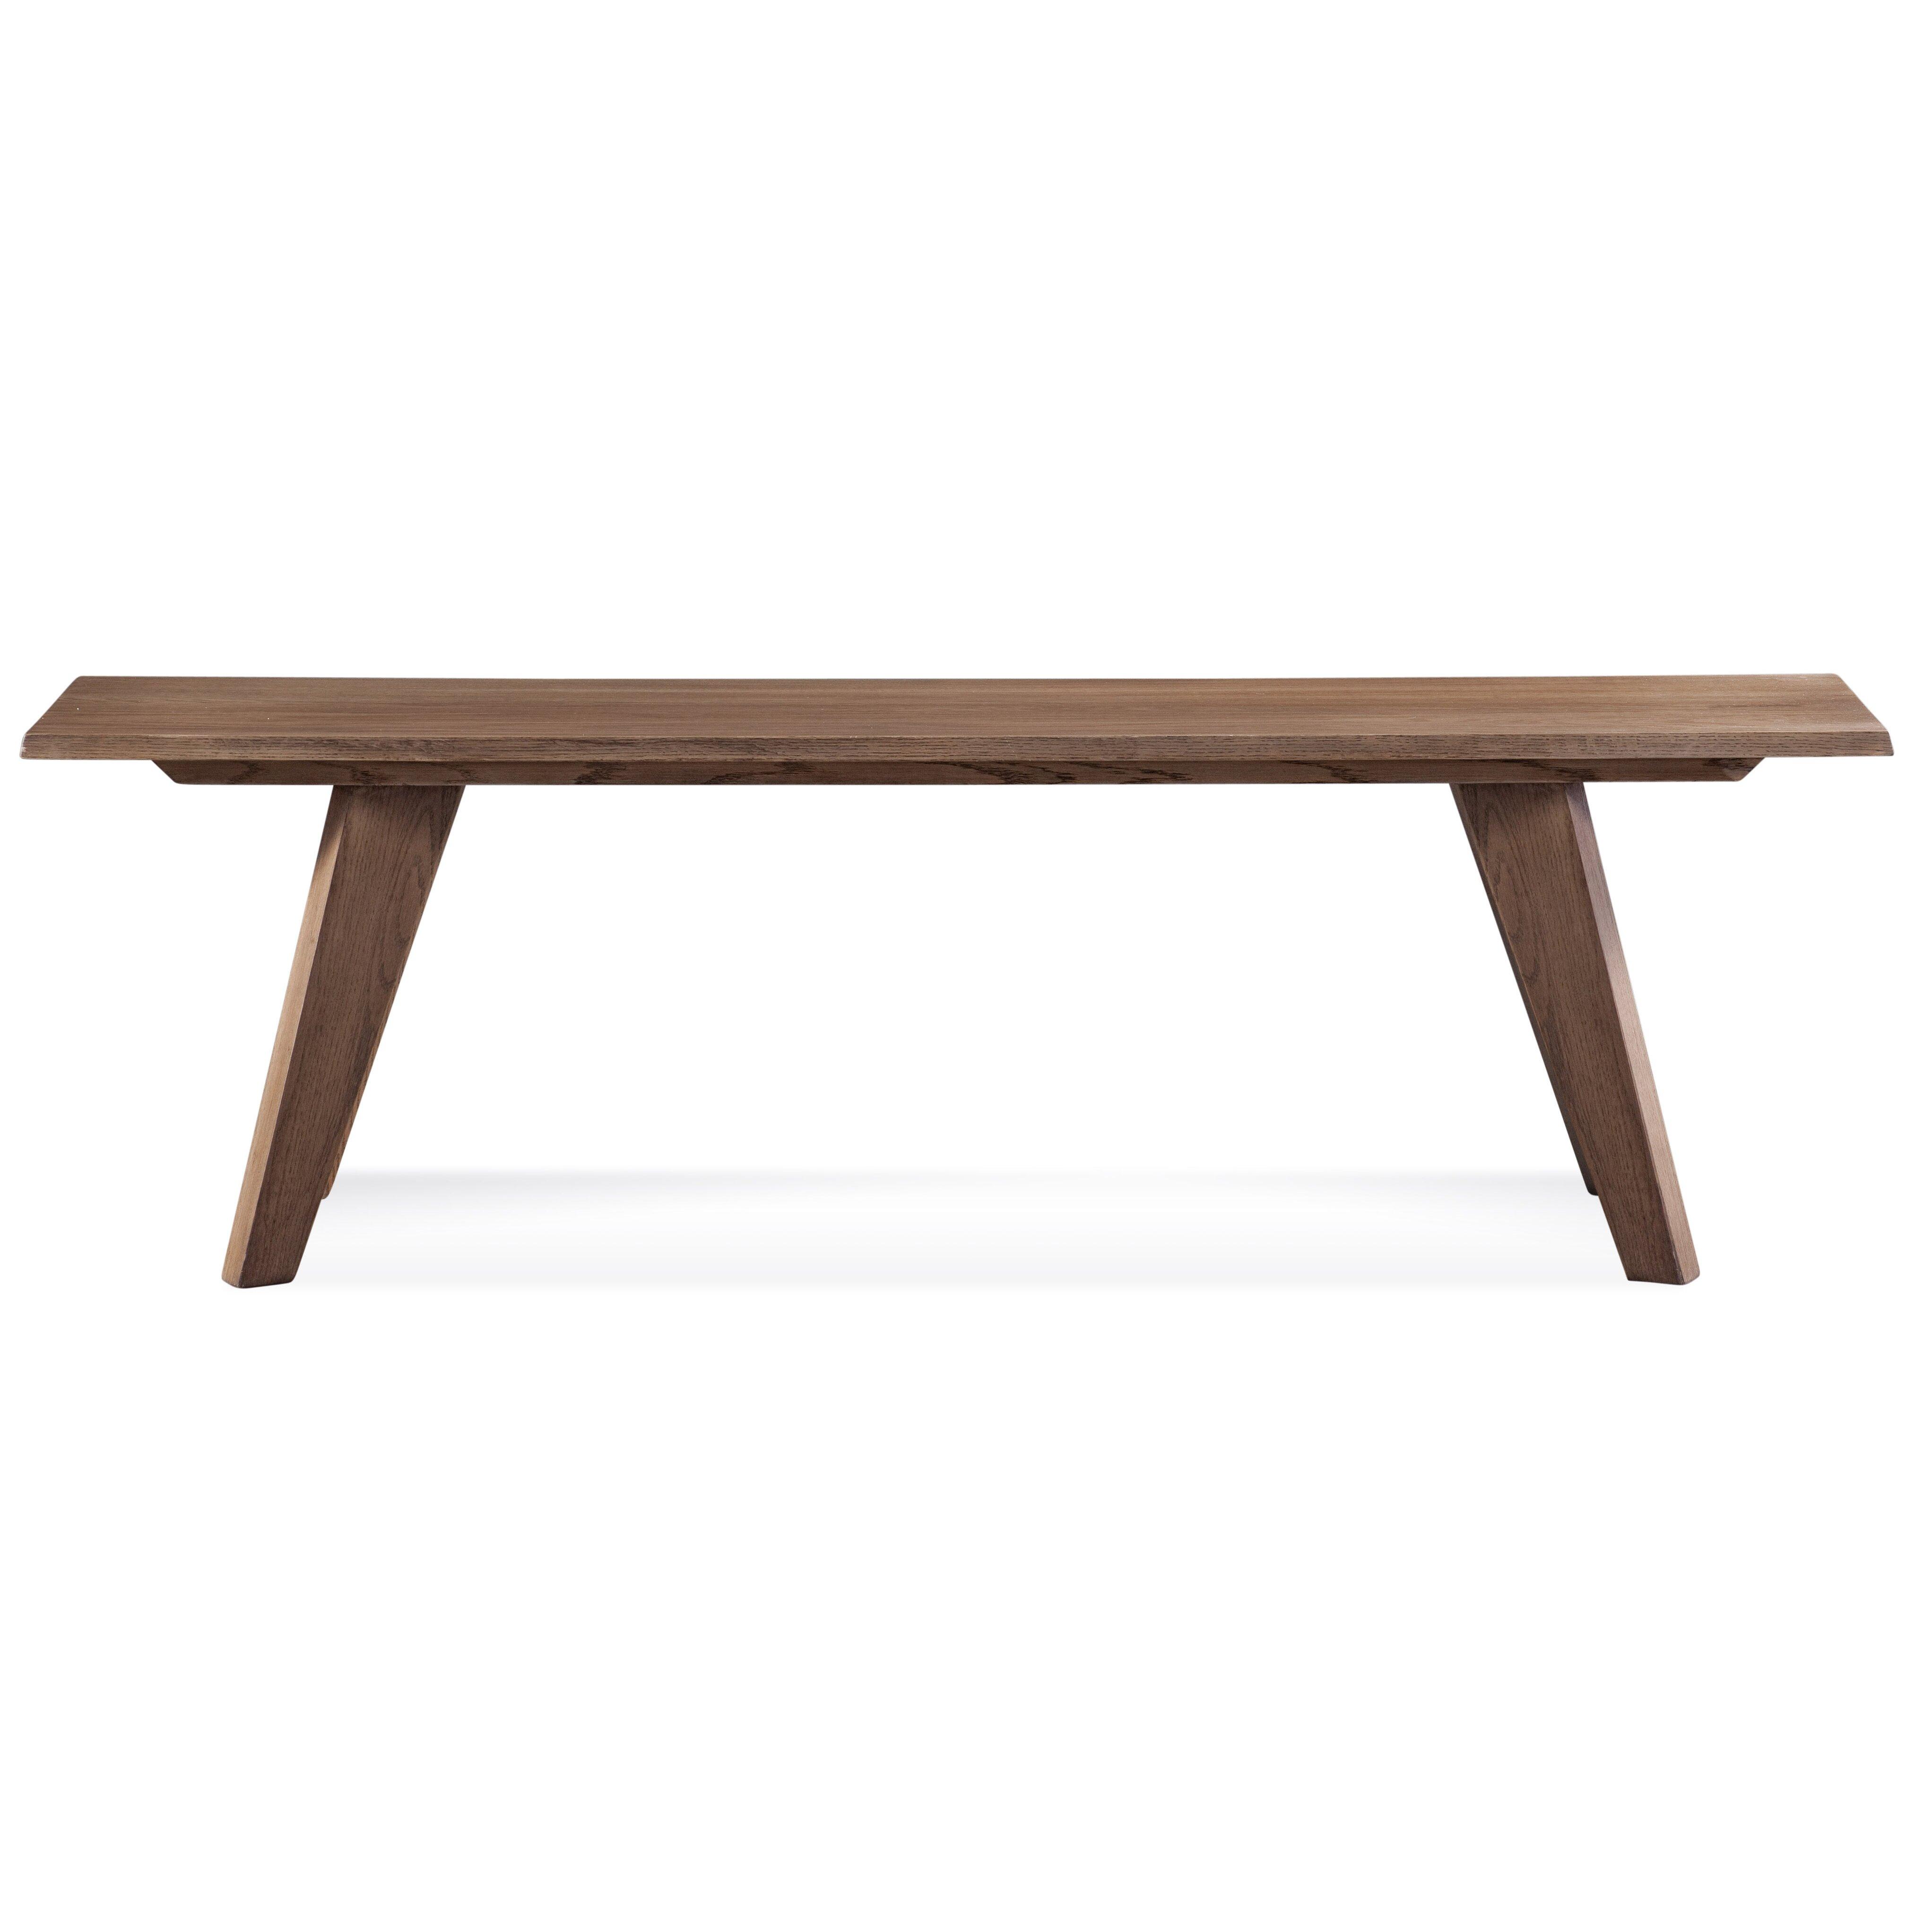 Saloom Furniture Wood Kitchen Bench Wayfair